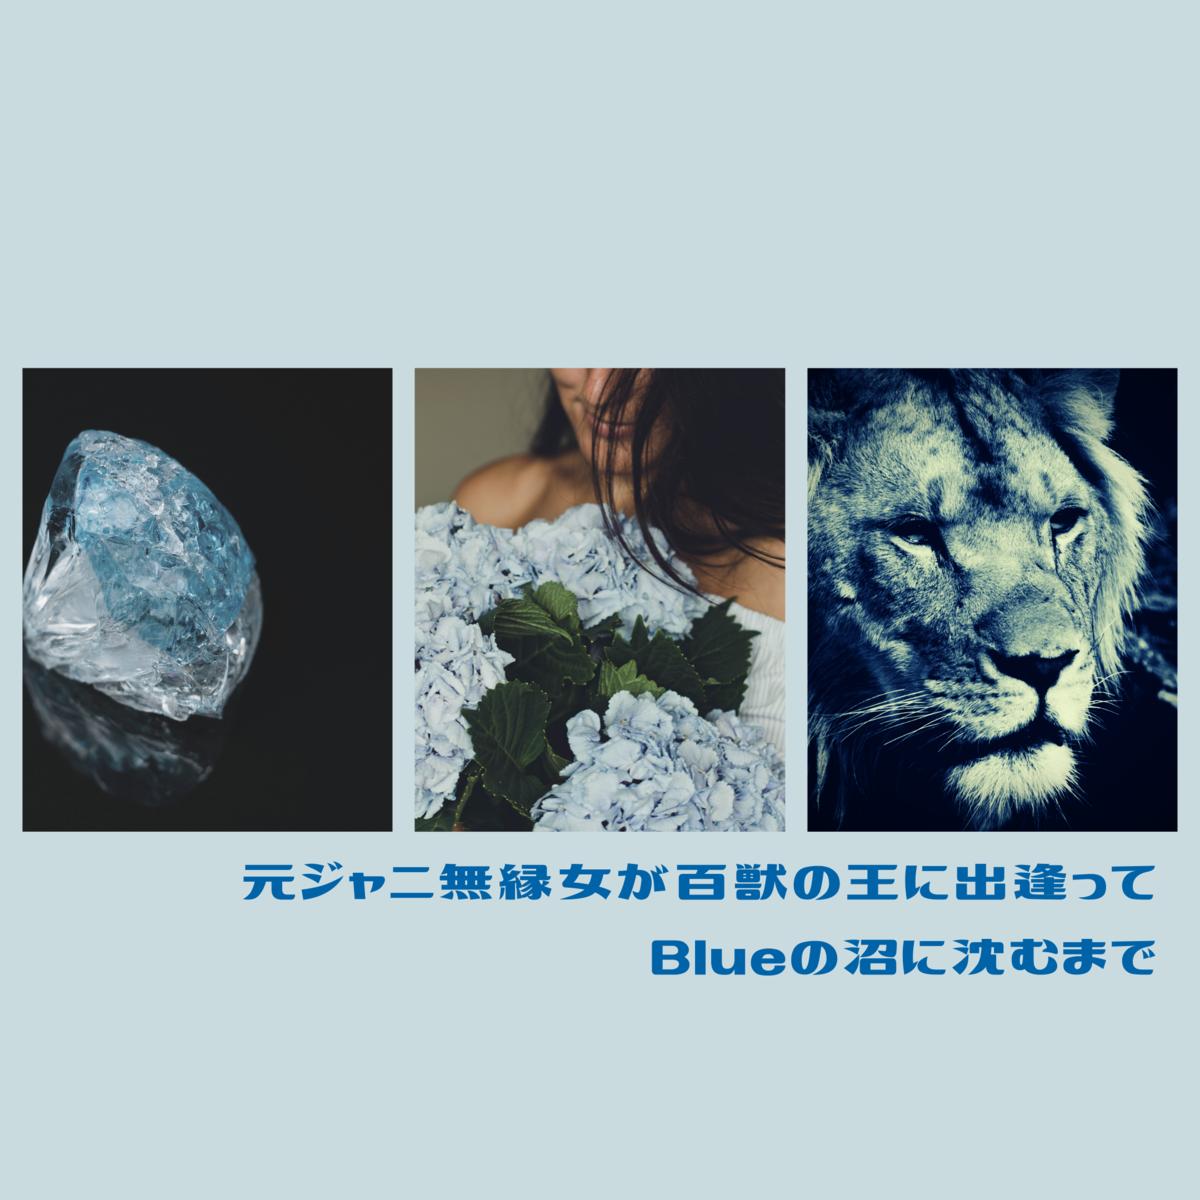 f:id:tsukino25:20200212170153p:plain